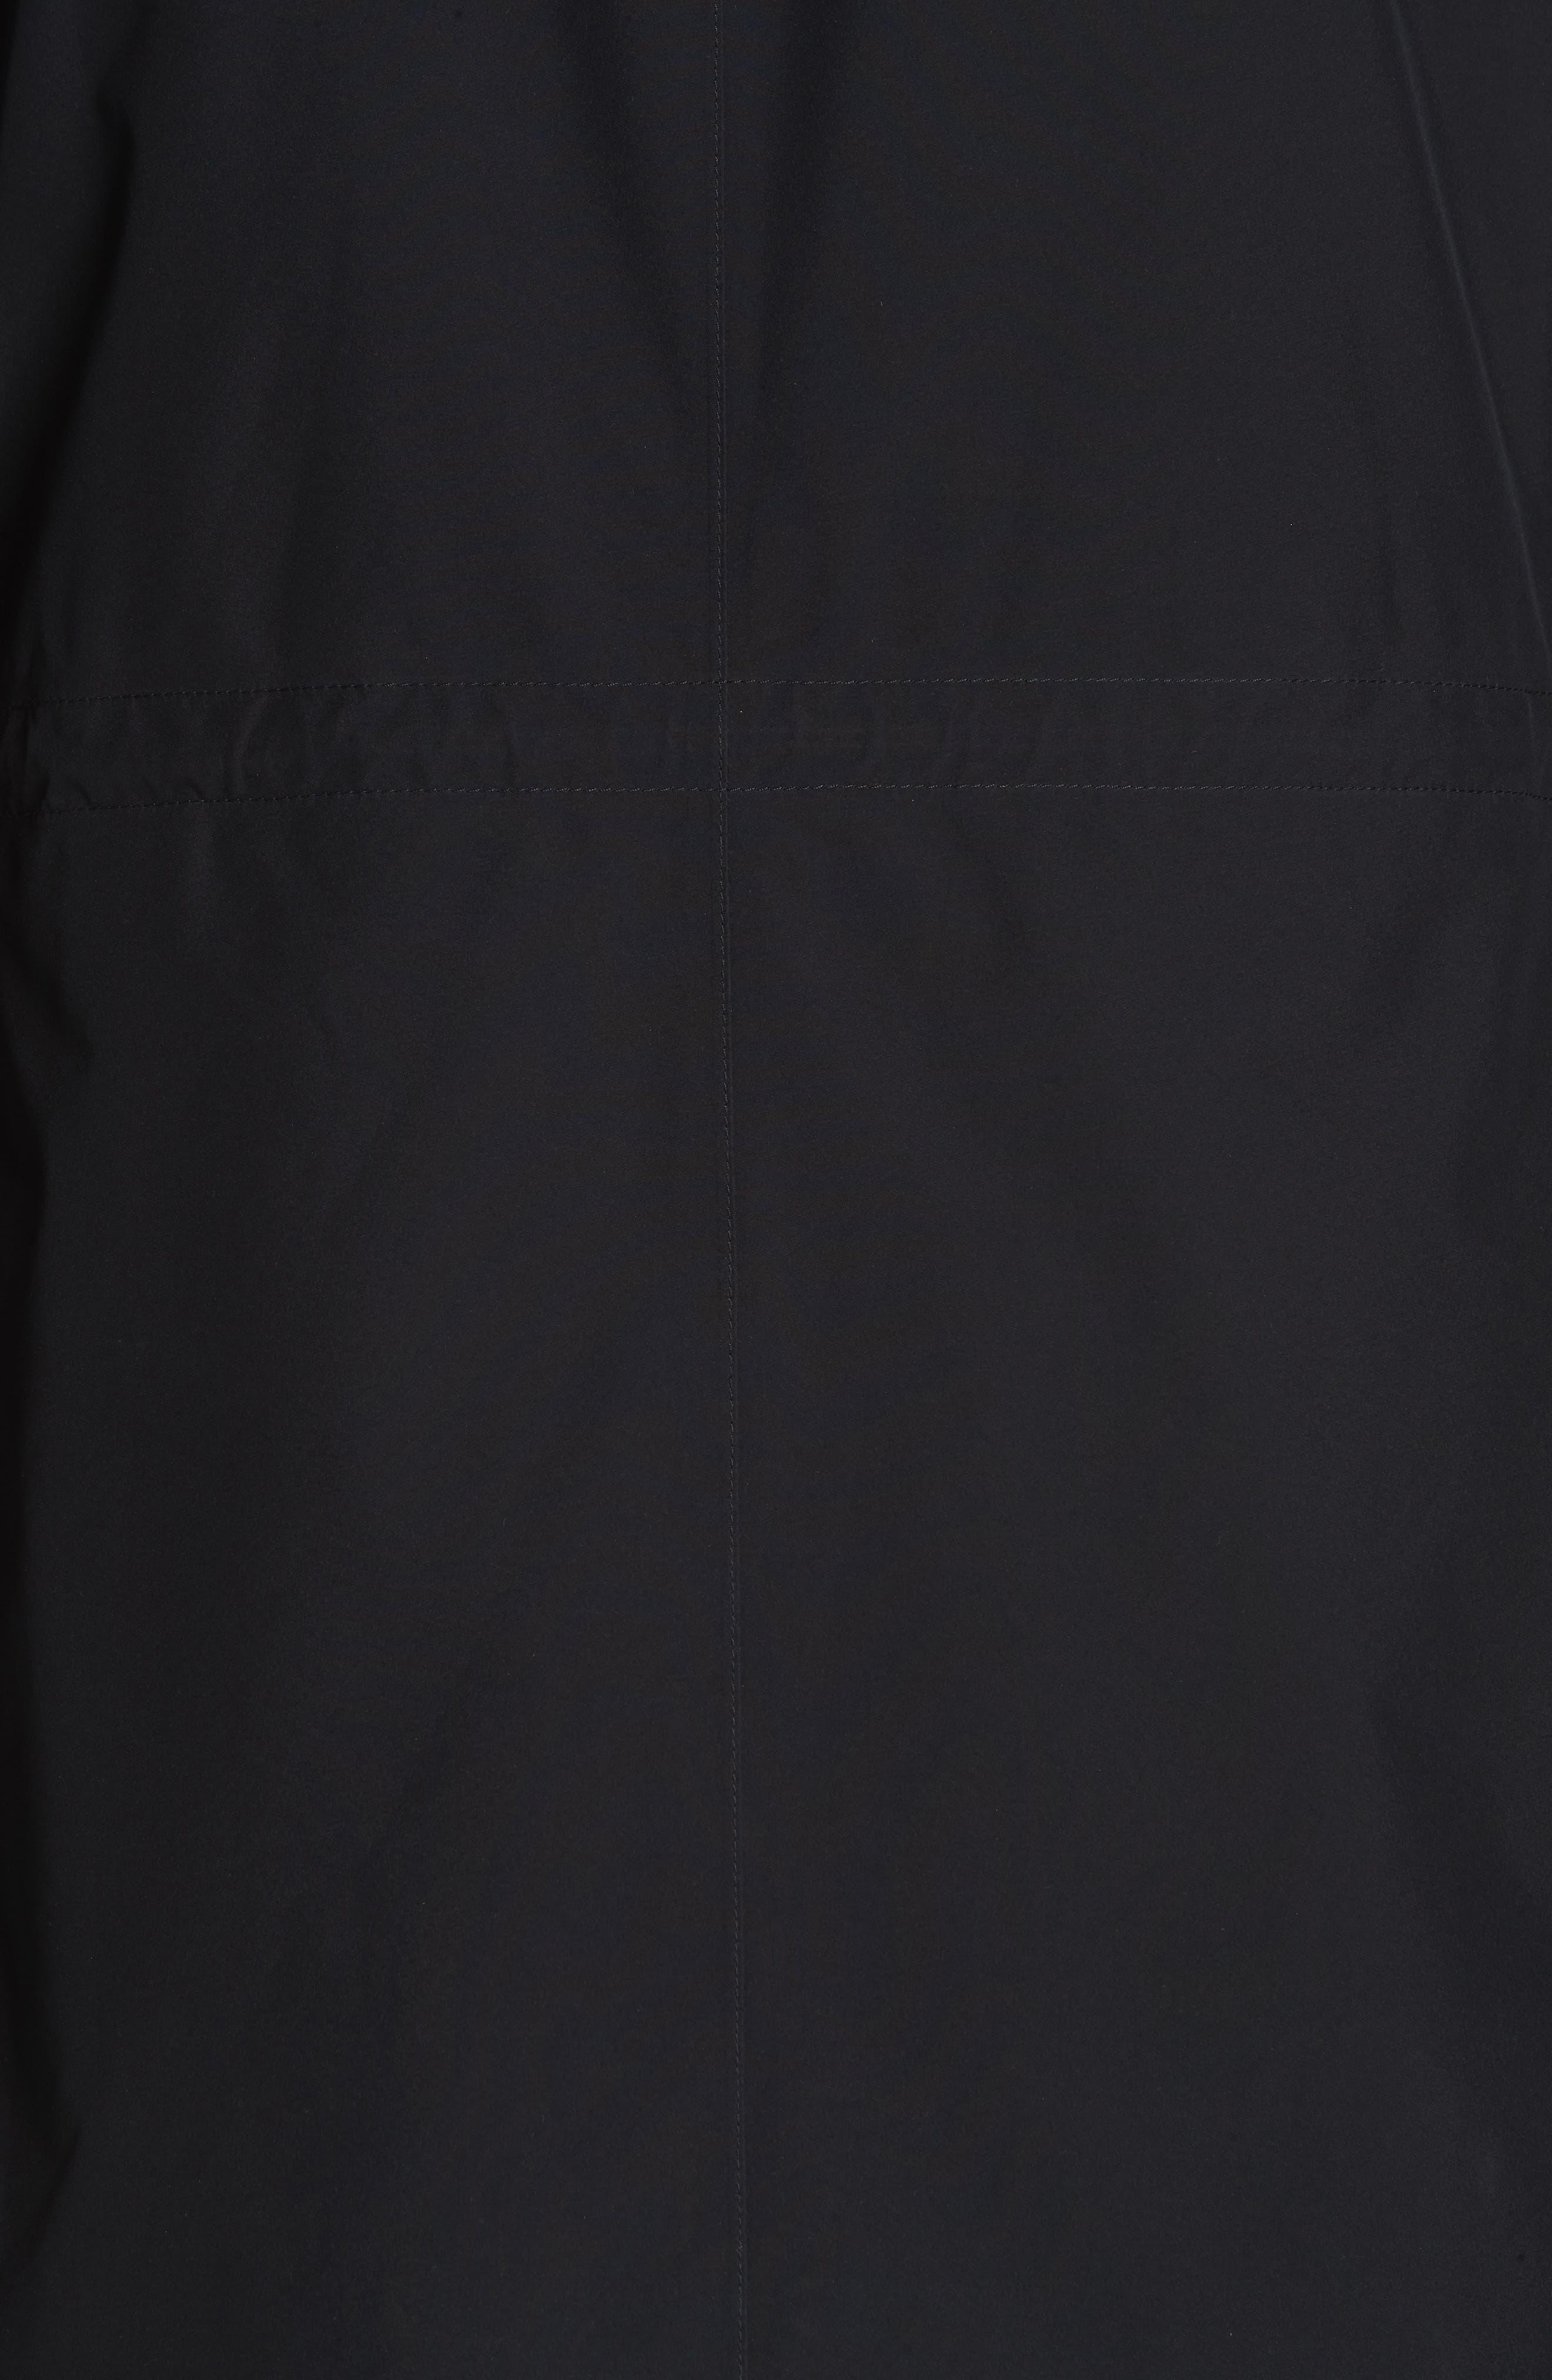 3-in-1 Gore-Tex<sup>®</sup> Car Coat,                             Alternate thumbnail 6, color,                             001